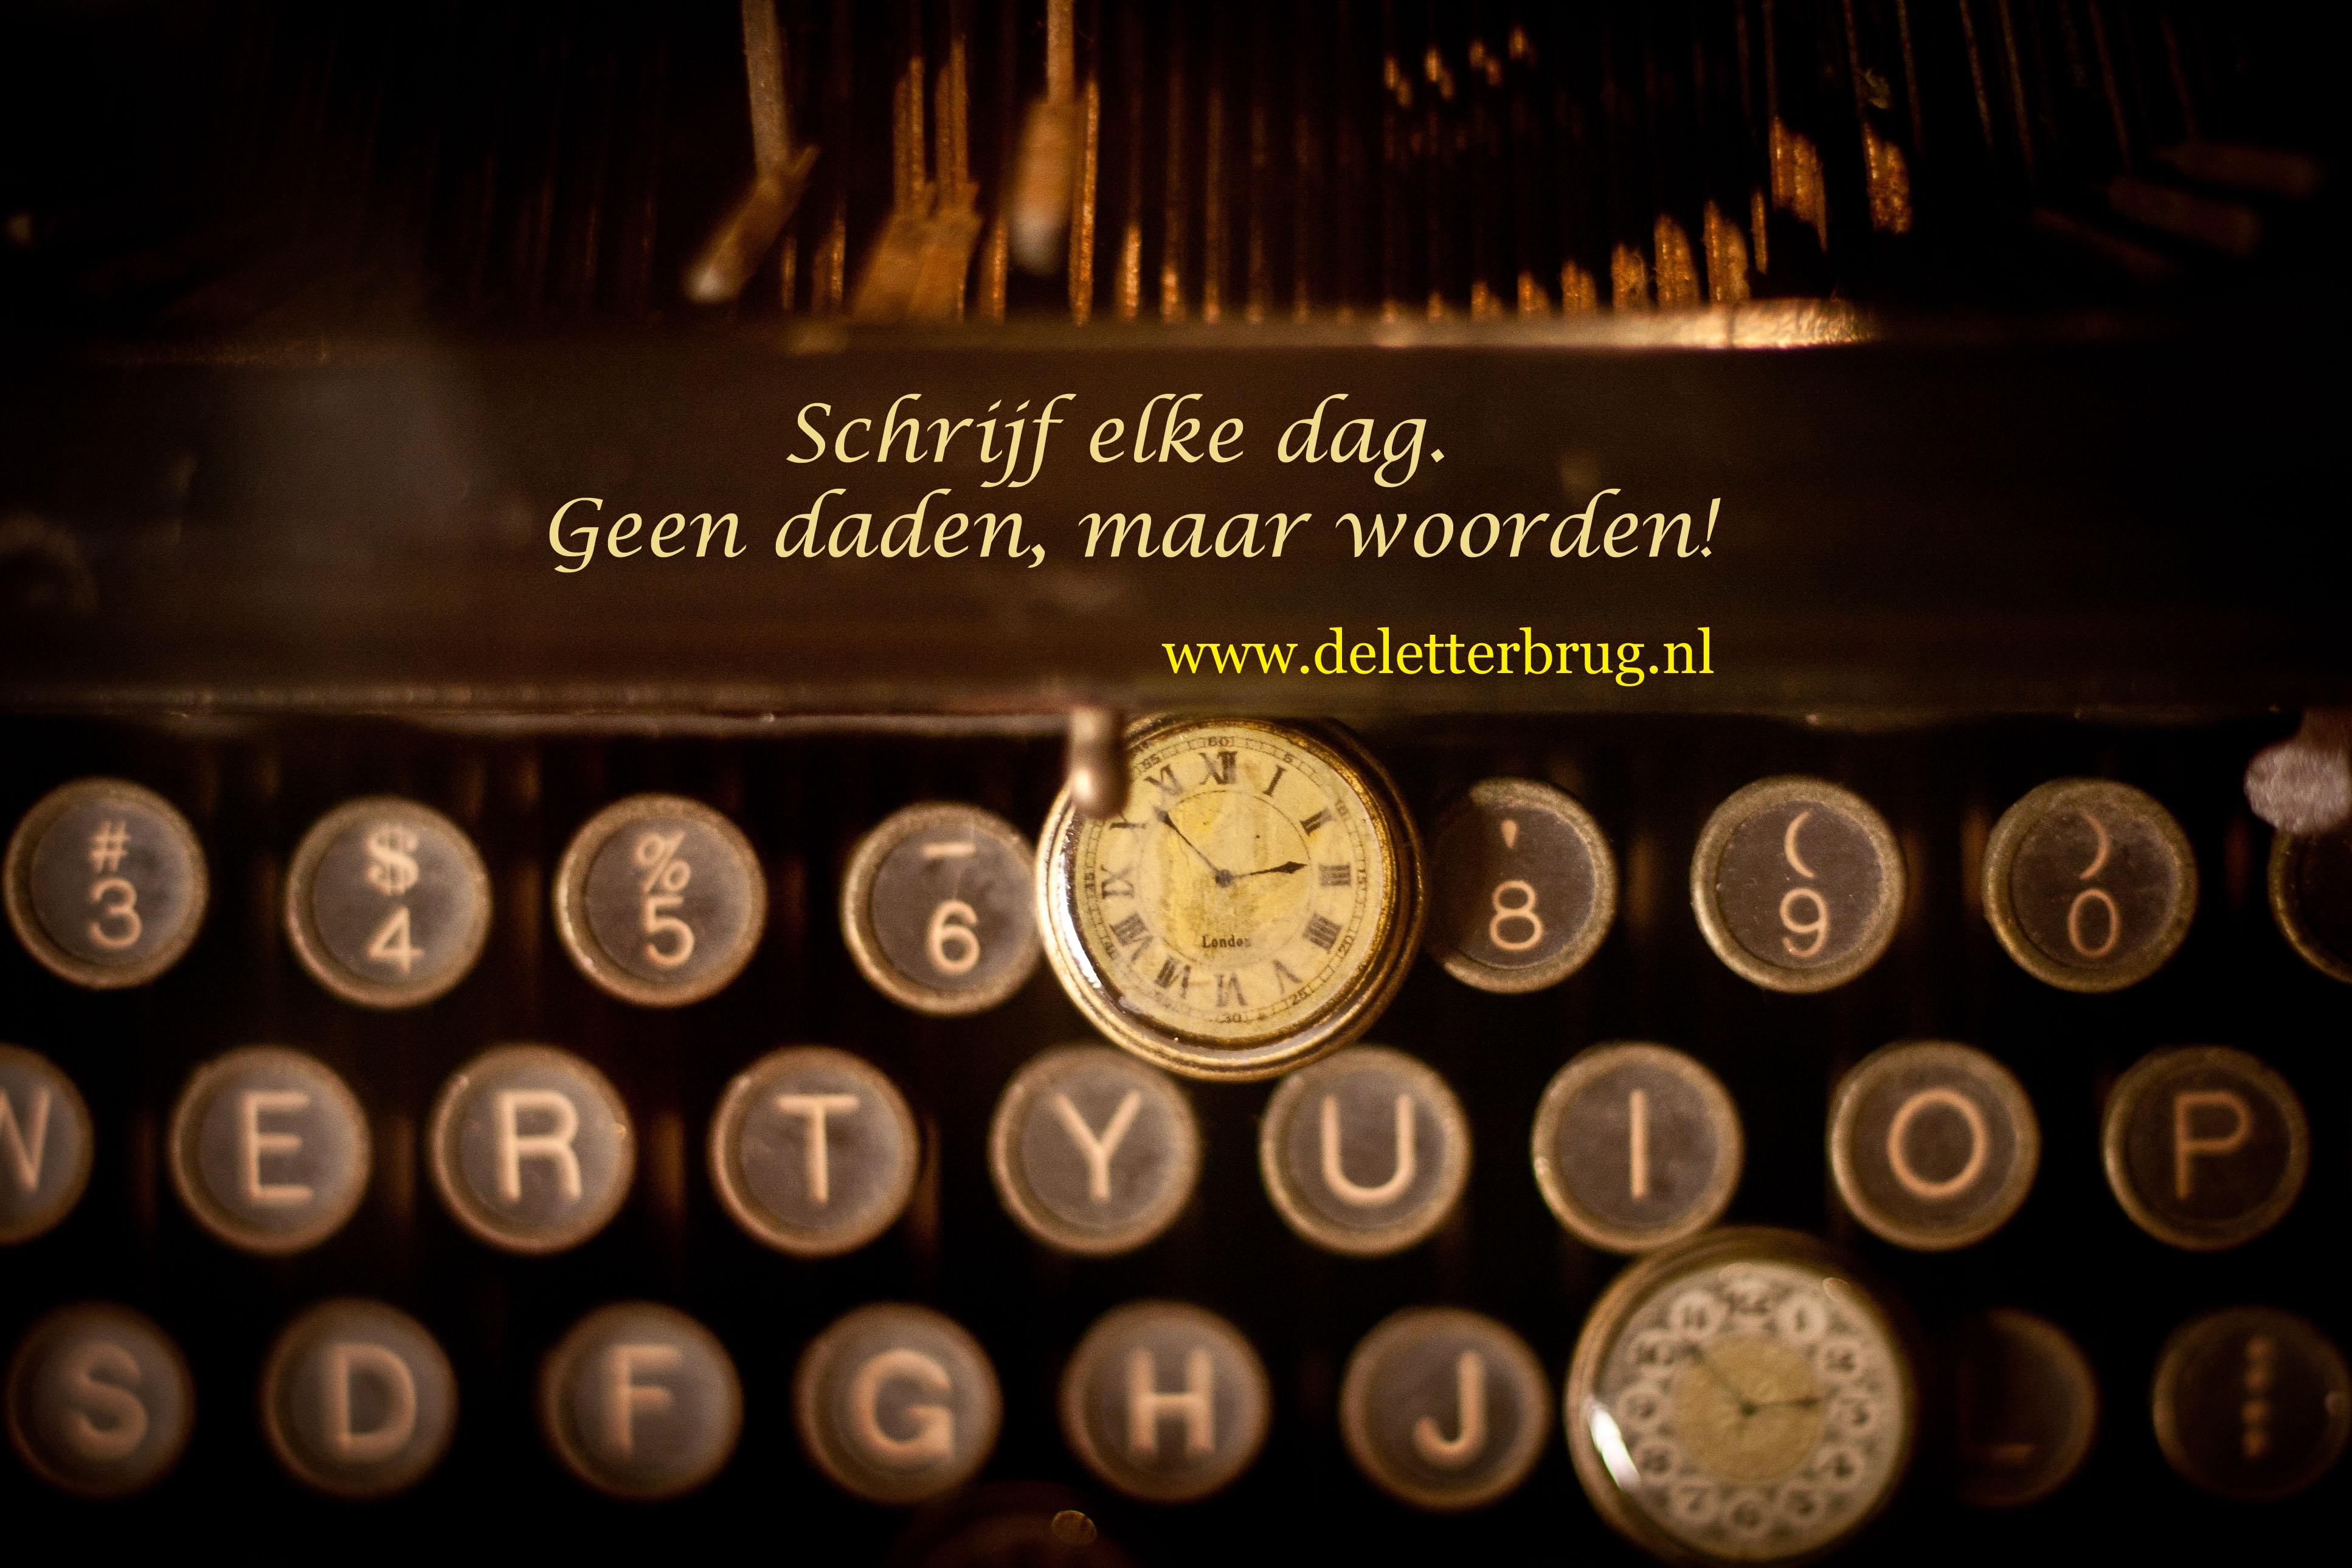 Schrijftips Tekstbureau De Letterbrug, schrijf elke dag